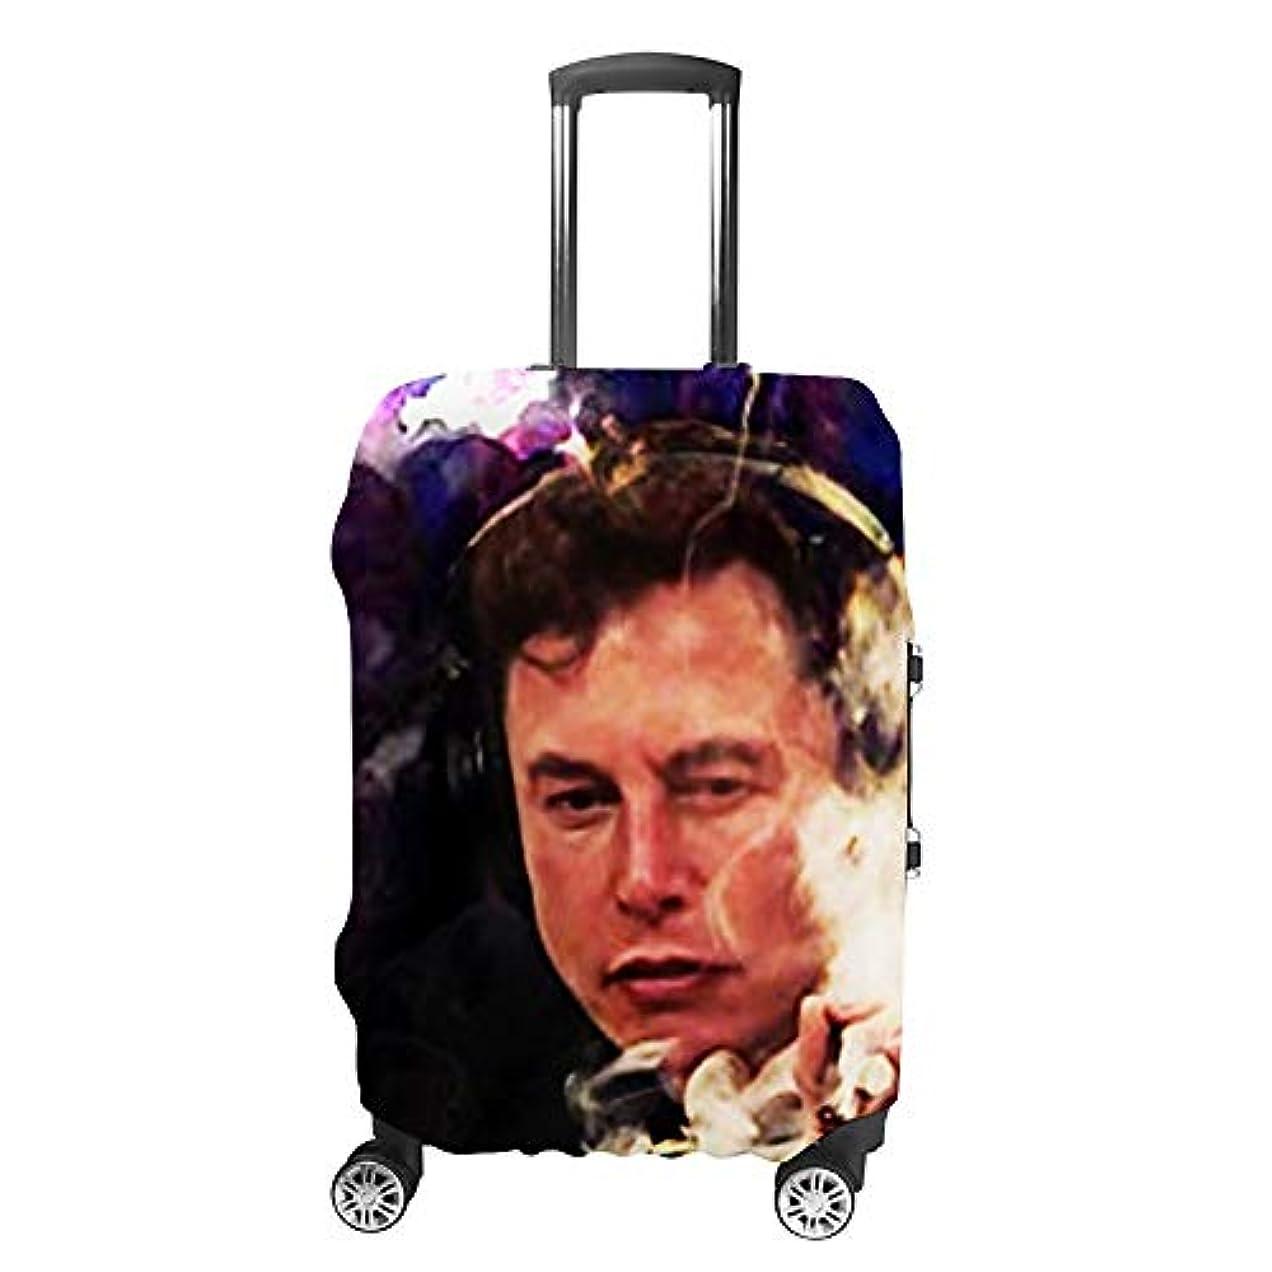 スコットランド人自殺解体するElon Musk ファッション旅行荷物カバースーツケース荷物プロテクター旅行カバー男性用女性用